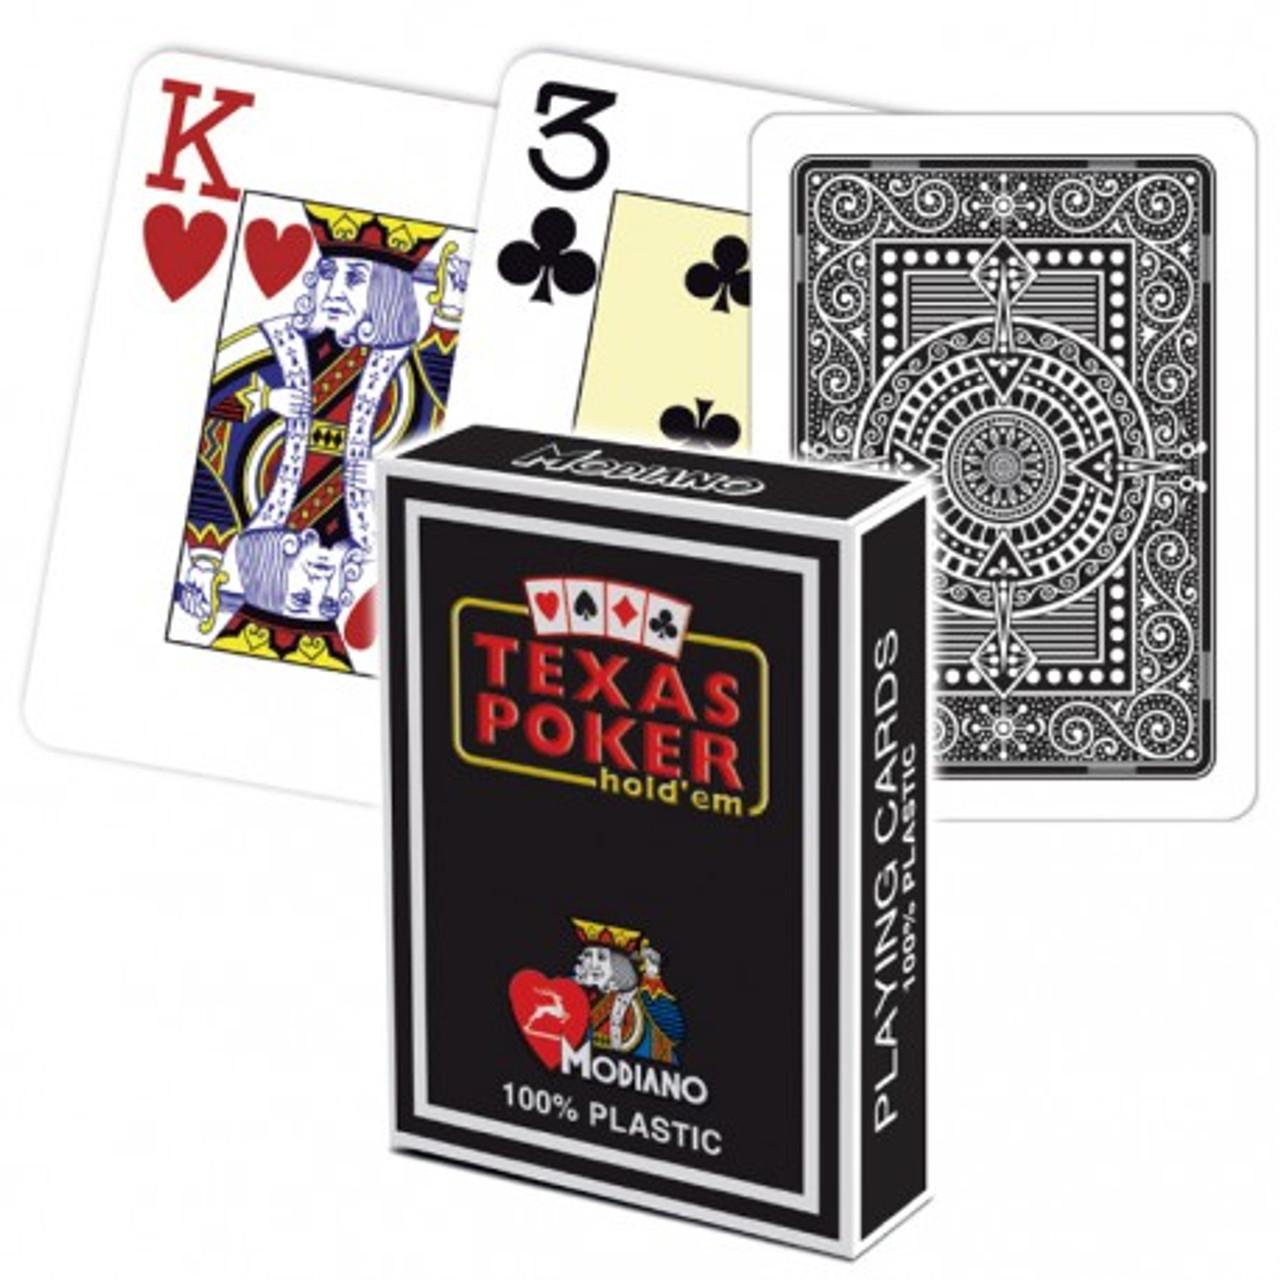 Carti de Texas Holdem 100% plastic, cu index mare negre